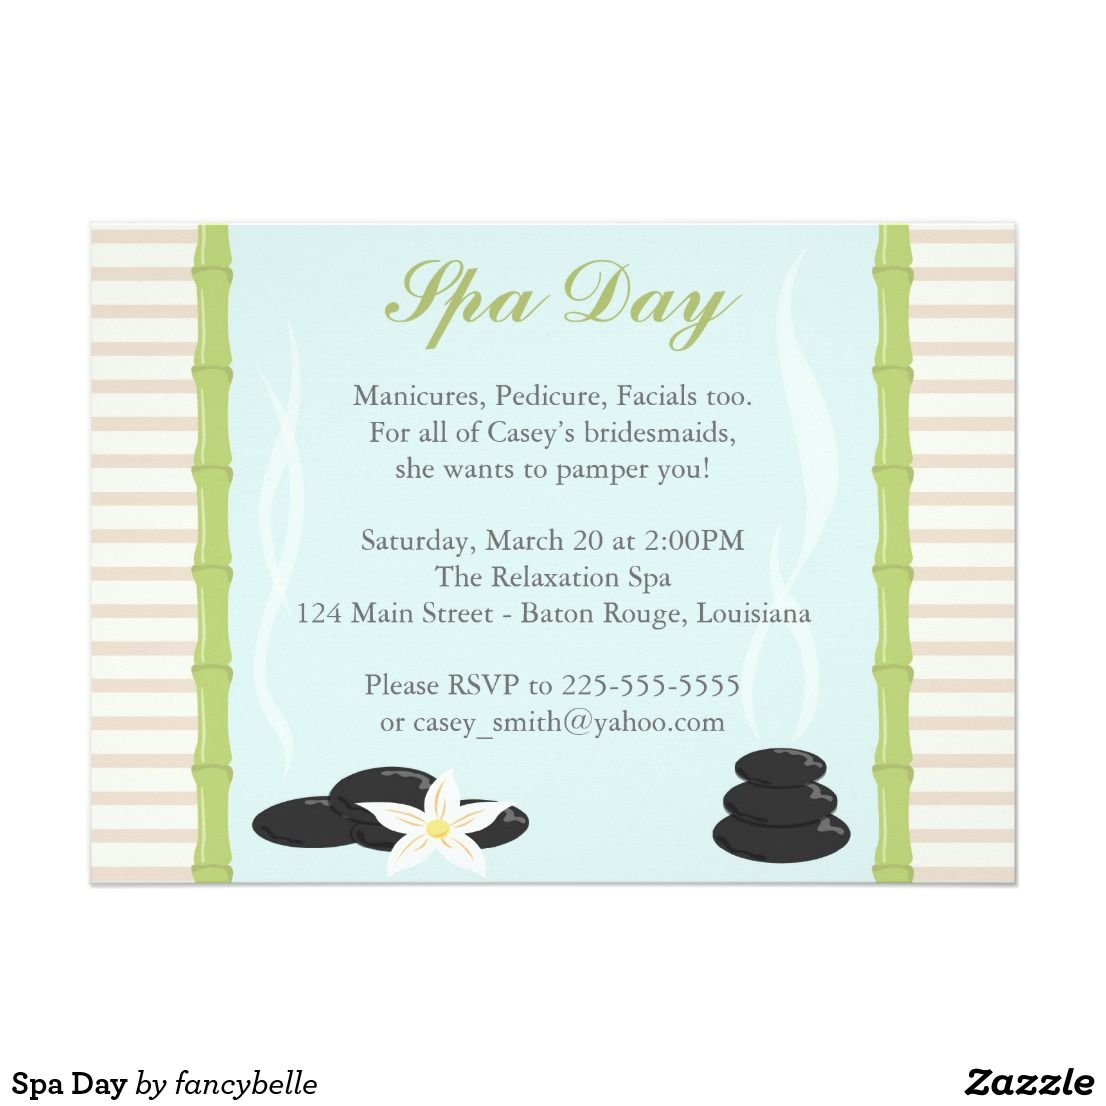 Spa Day Invitation Zazzle Com Spa Day Invitations Bridal Shower Invitations